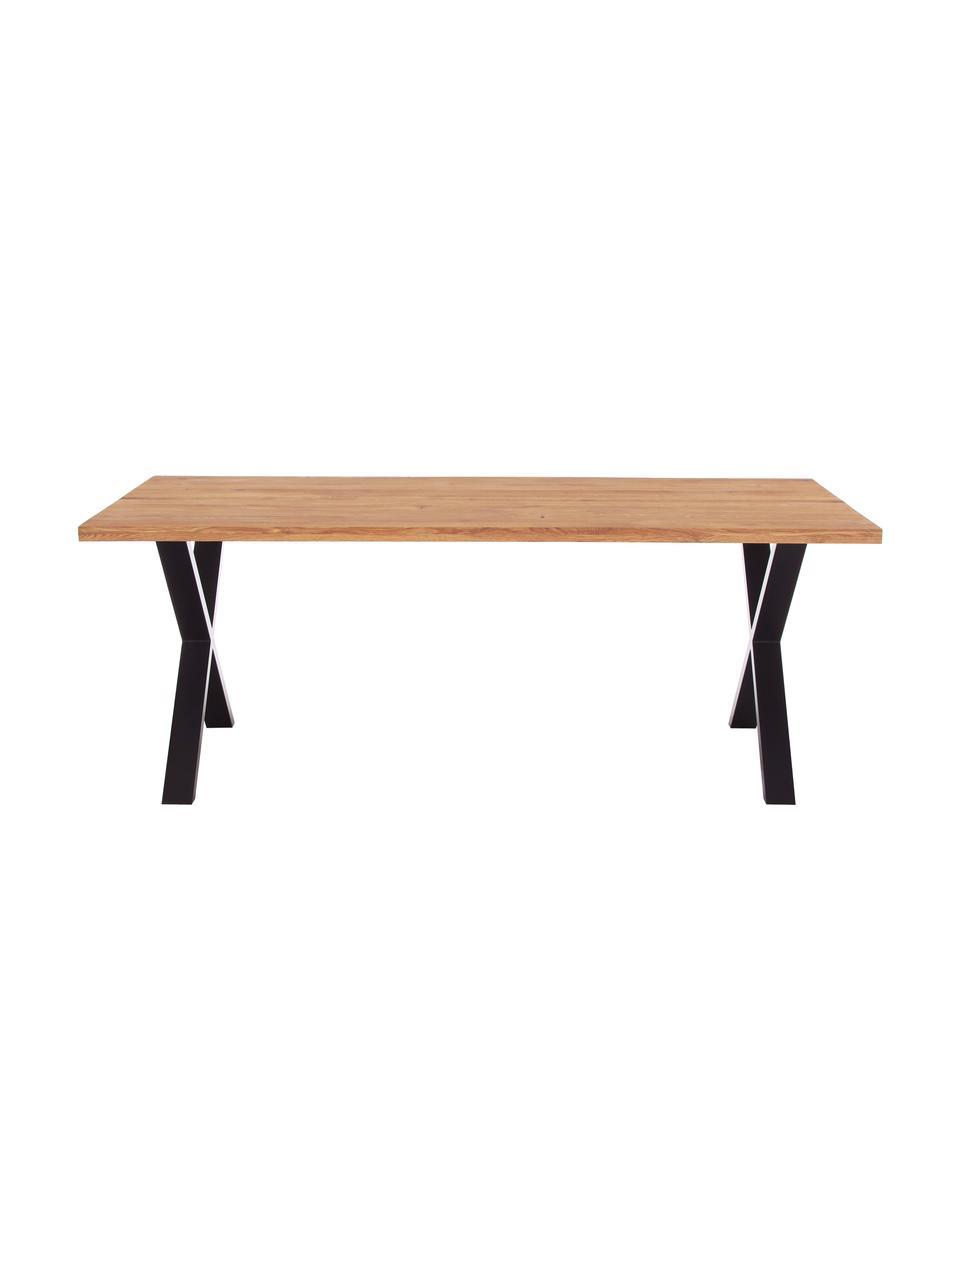 Tavolo con piano in legno massello Montpellier , 200 x 95 cm, Legno di quercia, nero, Larg. 200 x Prof. 95 cm